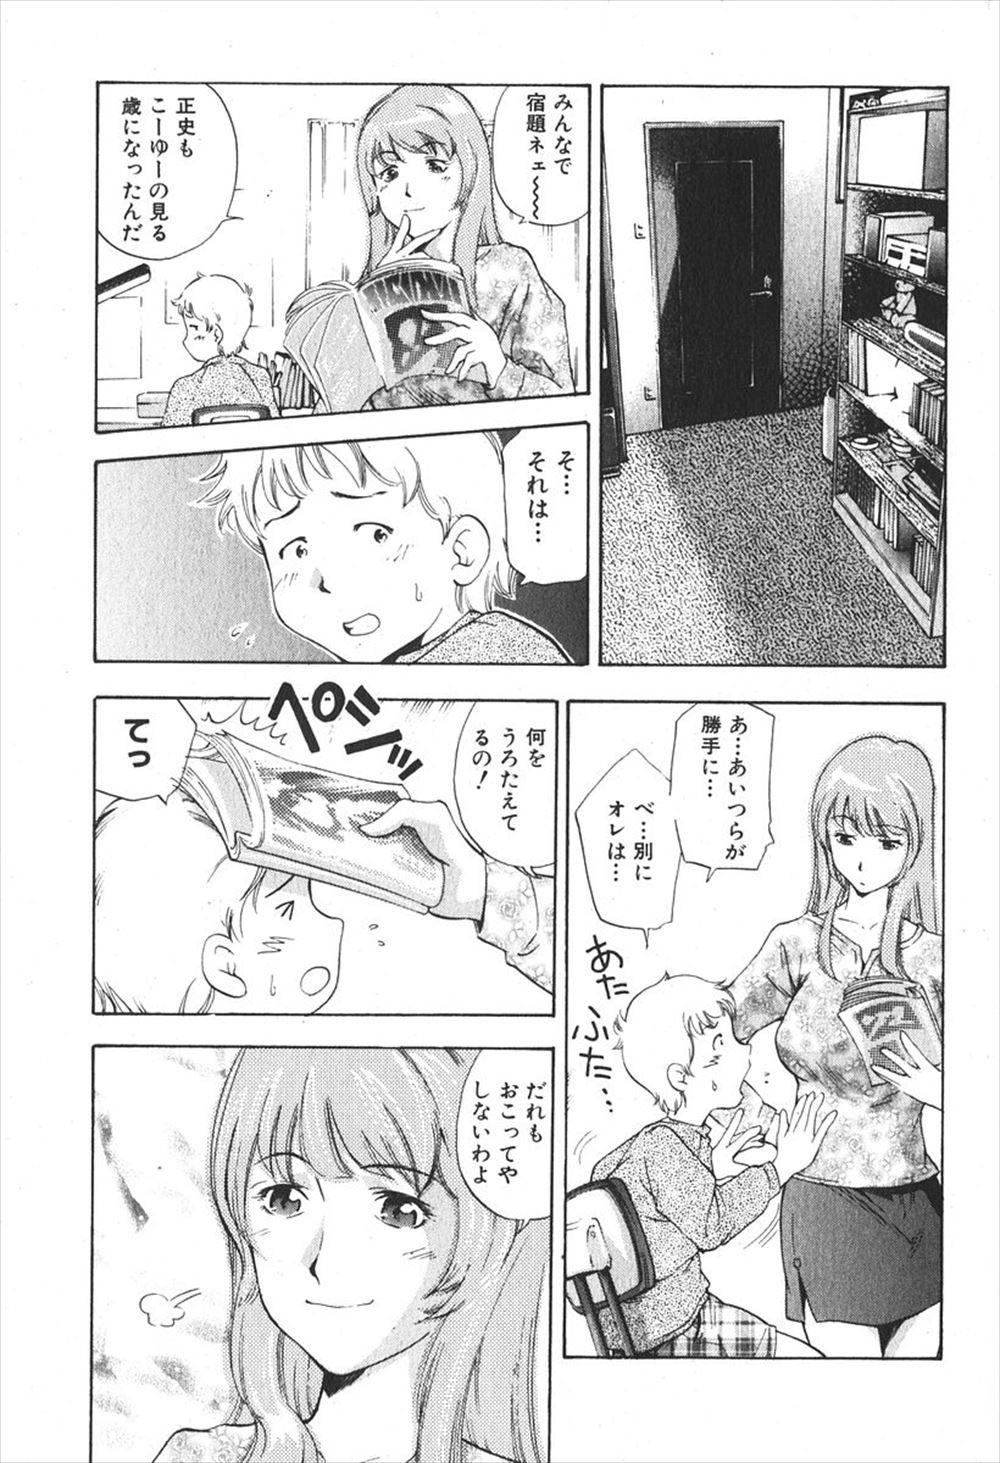 【エロ漫画】友達が家に持ってきたヌード写真が母に似ていて勃起してしまい、それが母にバレて親子セックス! 003